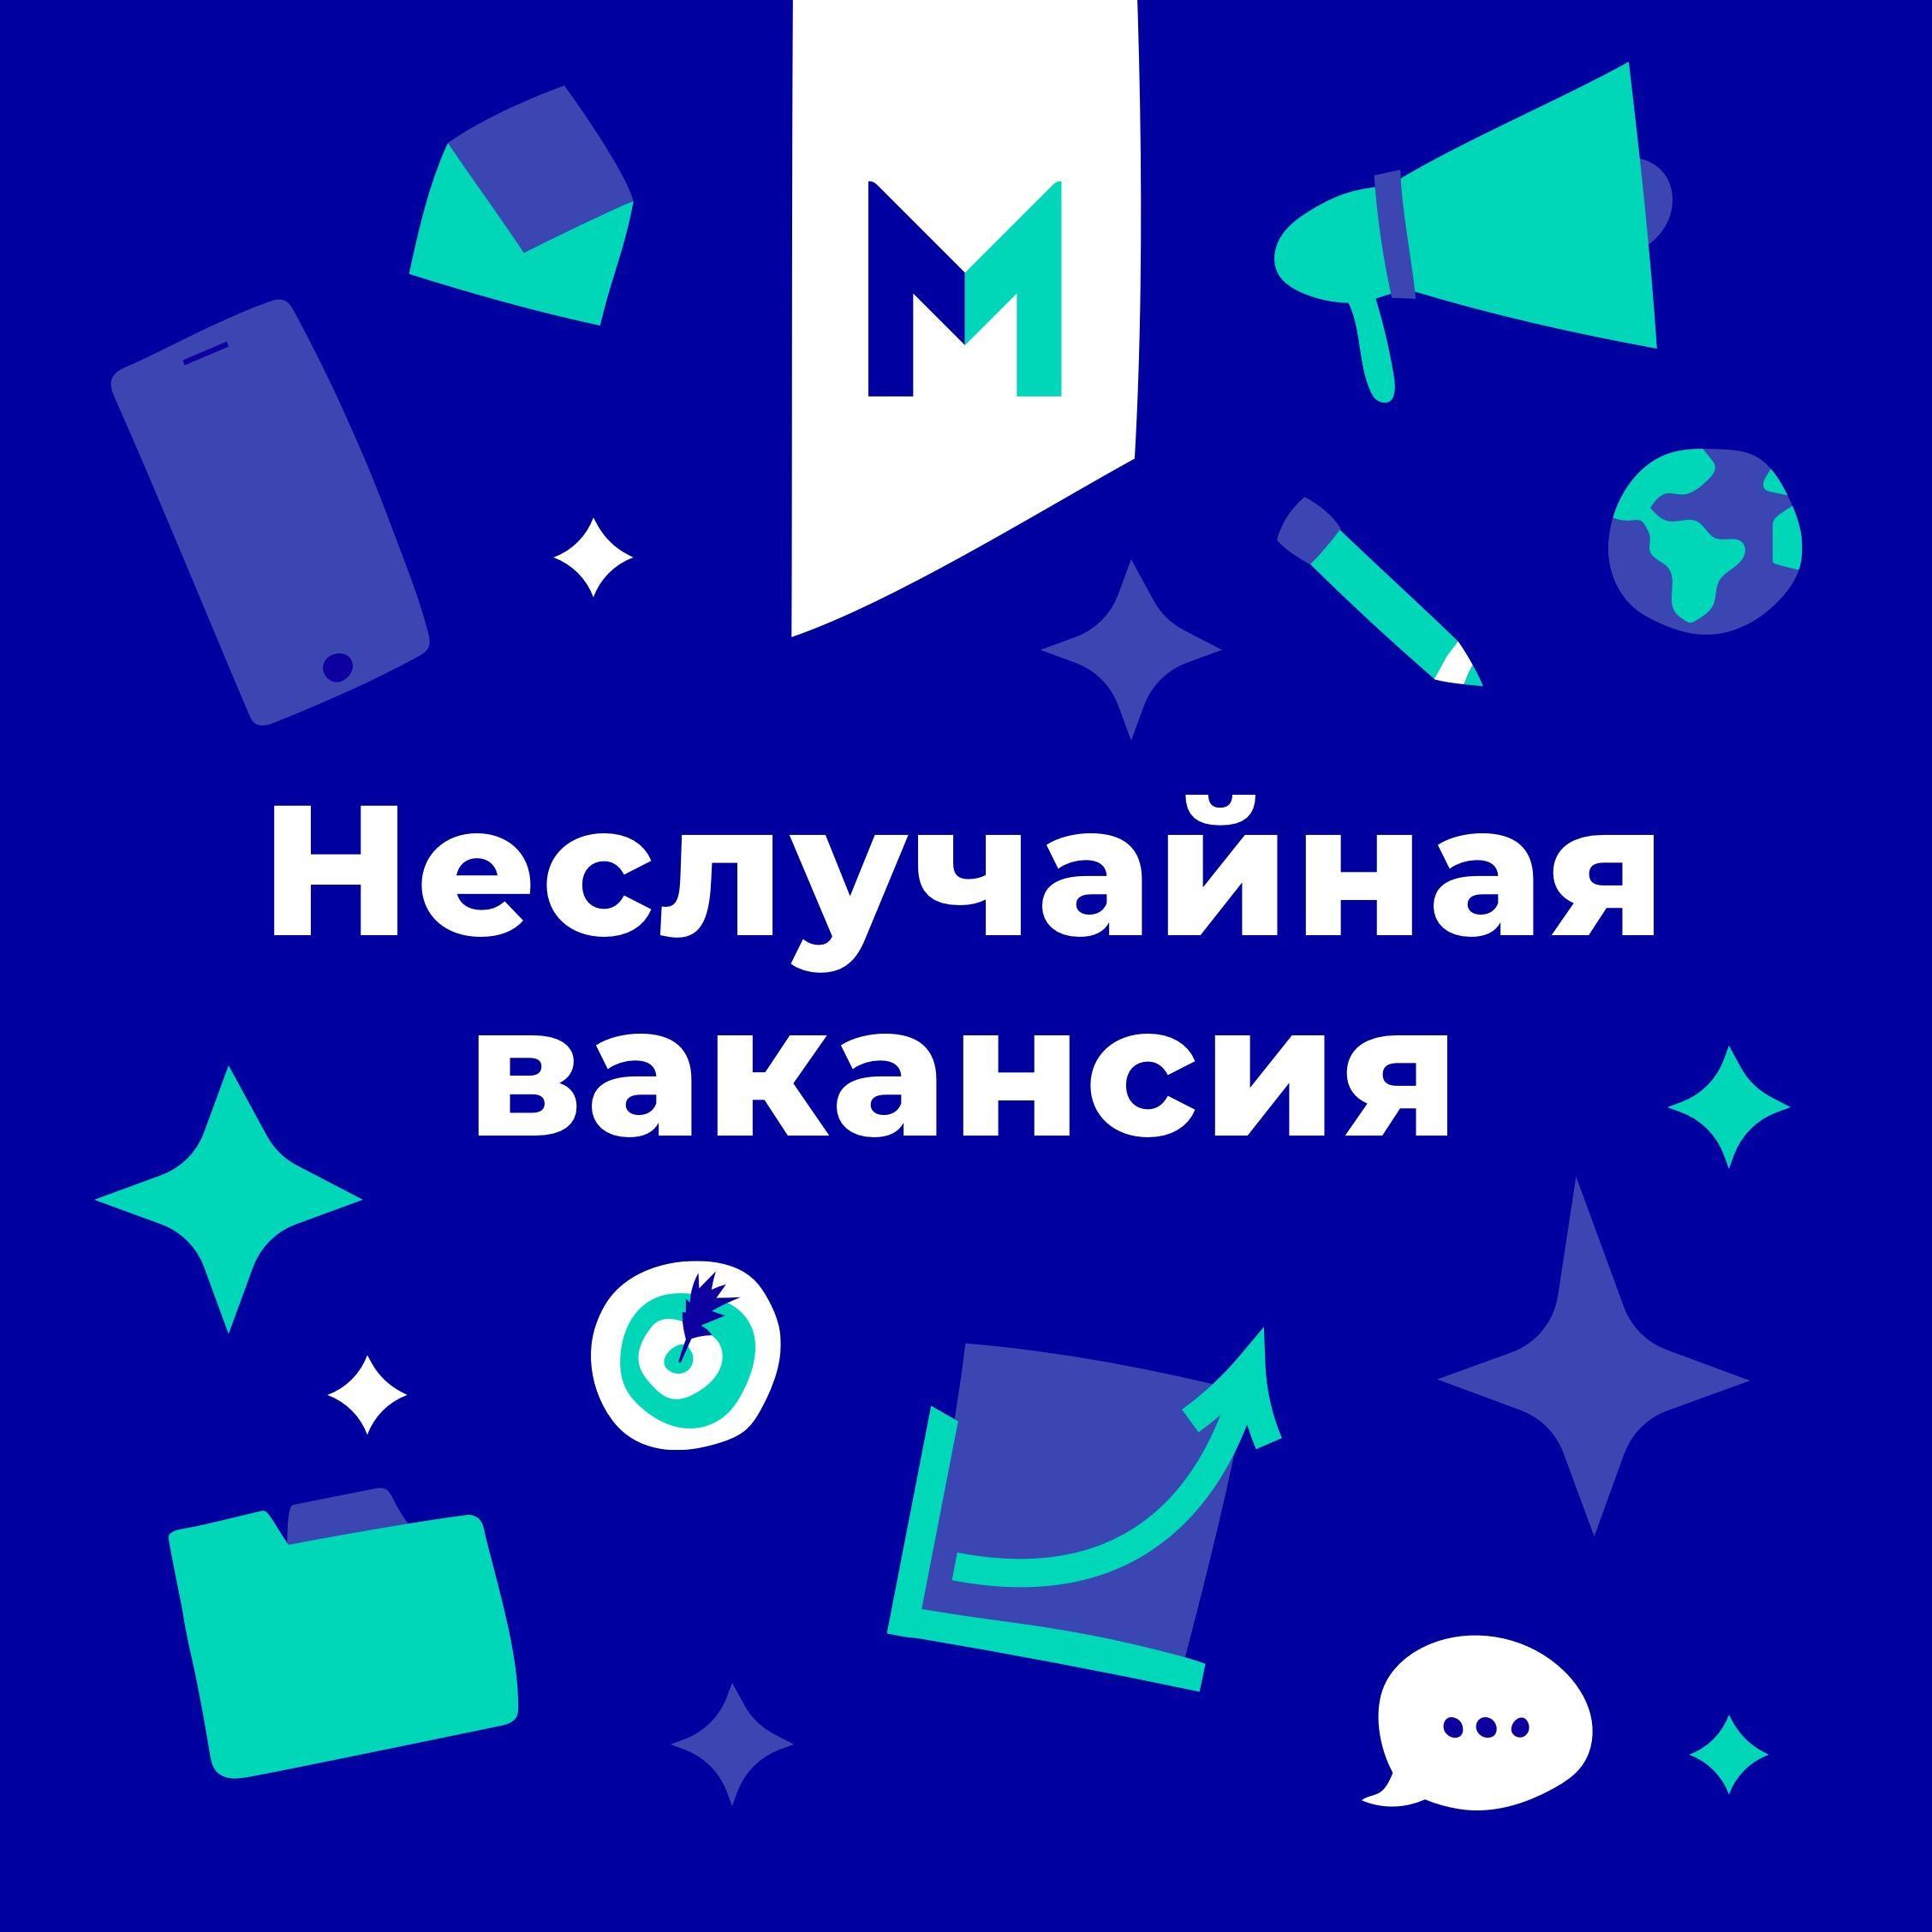 «Ты же уйдешь в декрет!». Почему женщинам в России по-прежнему сложнее строить карьеру, чем мужчинам? И как эта ситуация постепенно меняется